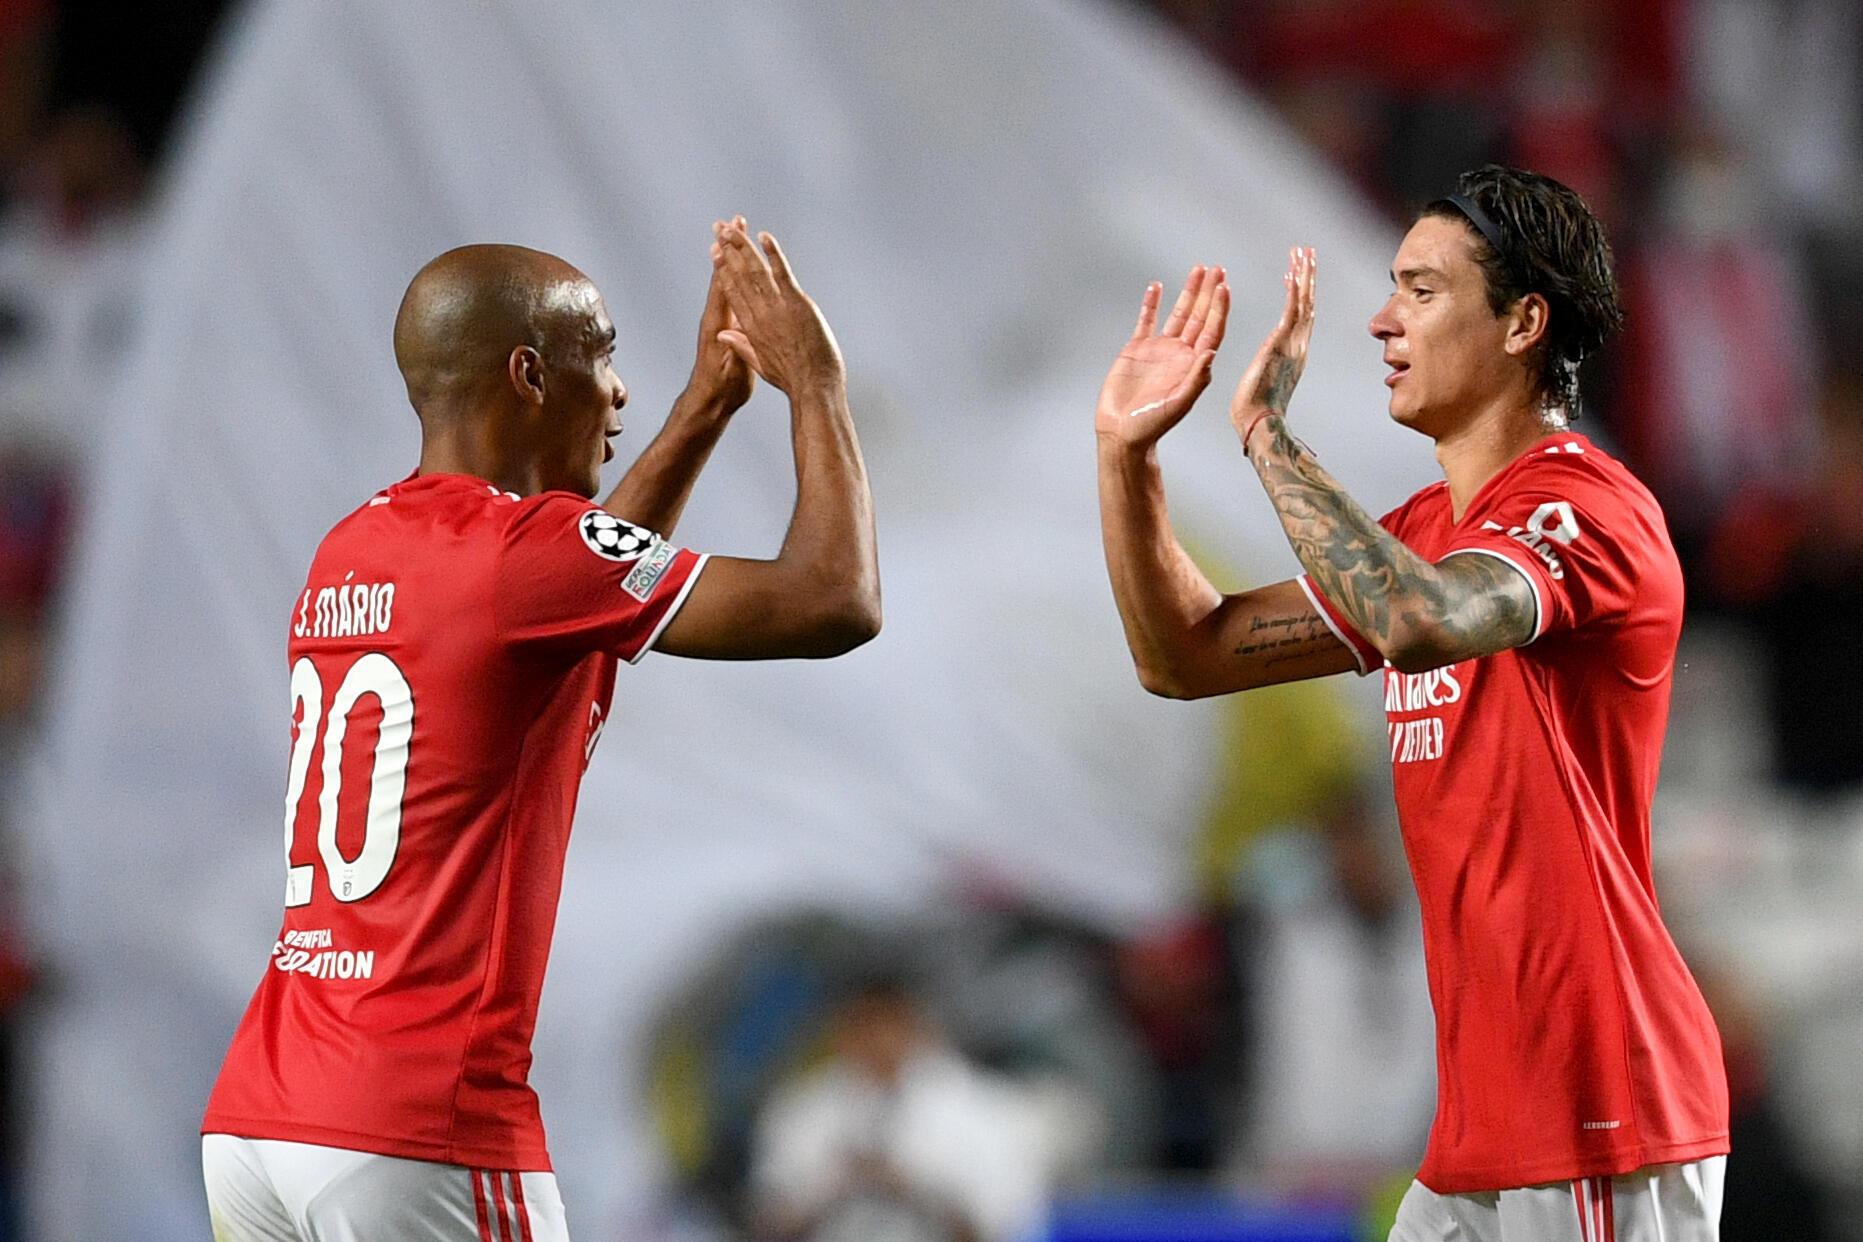 La joie de l'attaquant uruguayen de Benfica Darwin Nunez (d), après avoir marqué face à Barcelone, lors de leur match de poule de la Ligue des Champions, le 29 septembre 2021 à Lisbonne